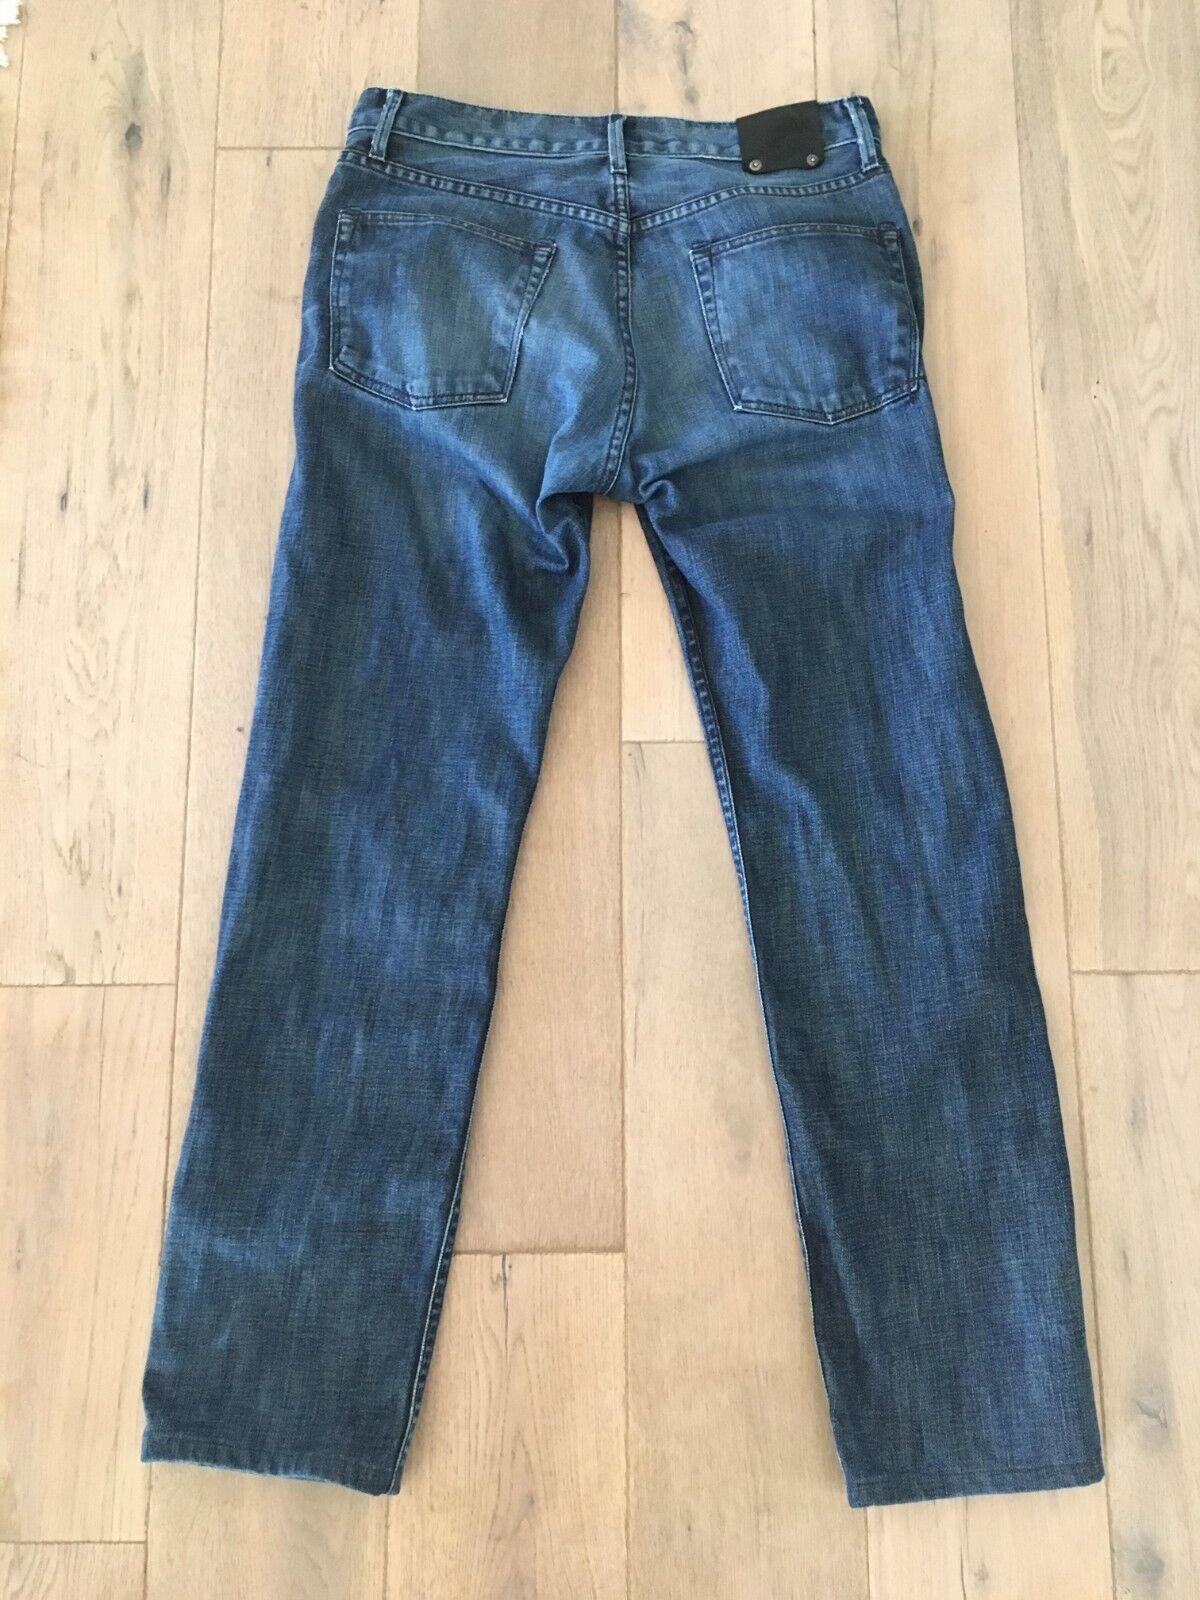 Men's J BRAND Darren Straight Fit Med Wash Denim Jeans Size 33